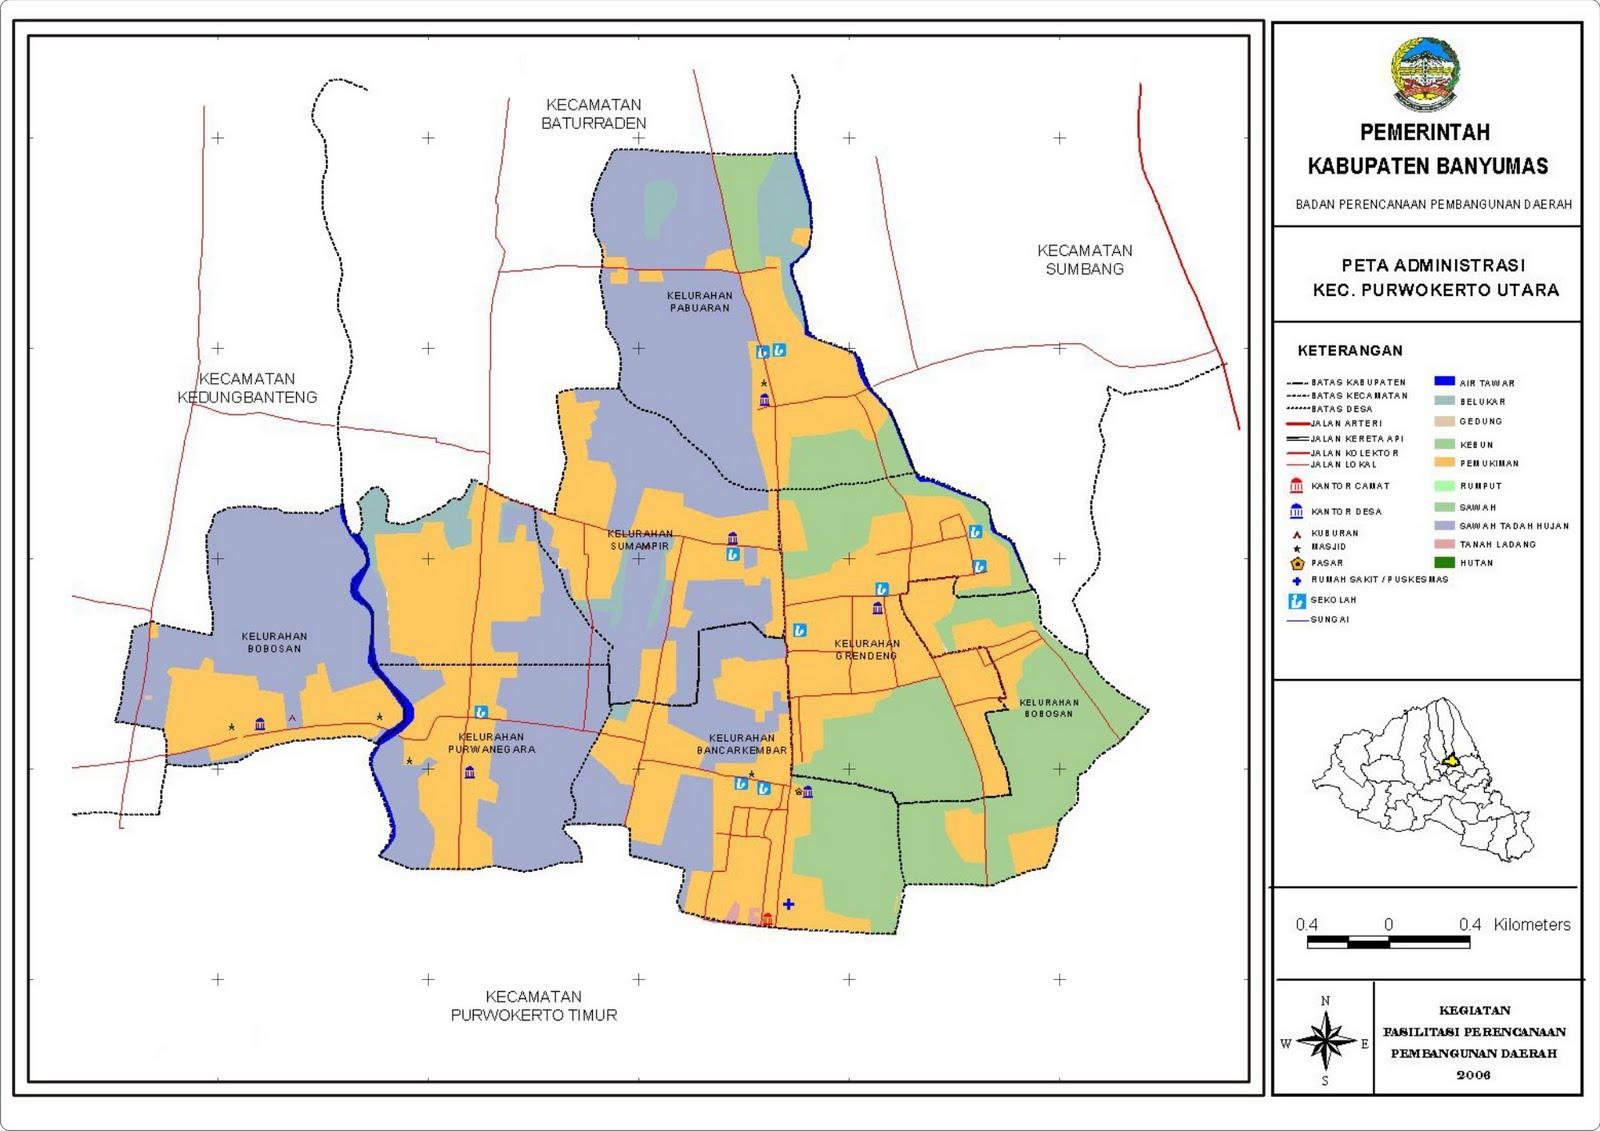 Patikraja New's: Peta Kecamatan Purwokerto Utara